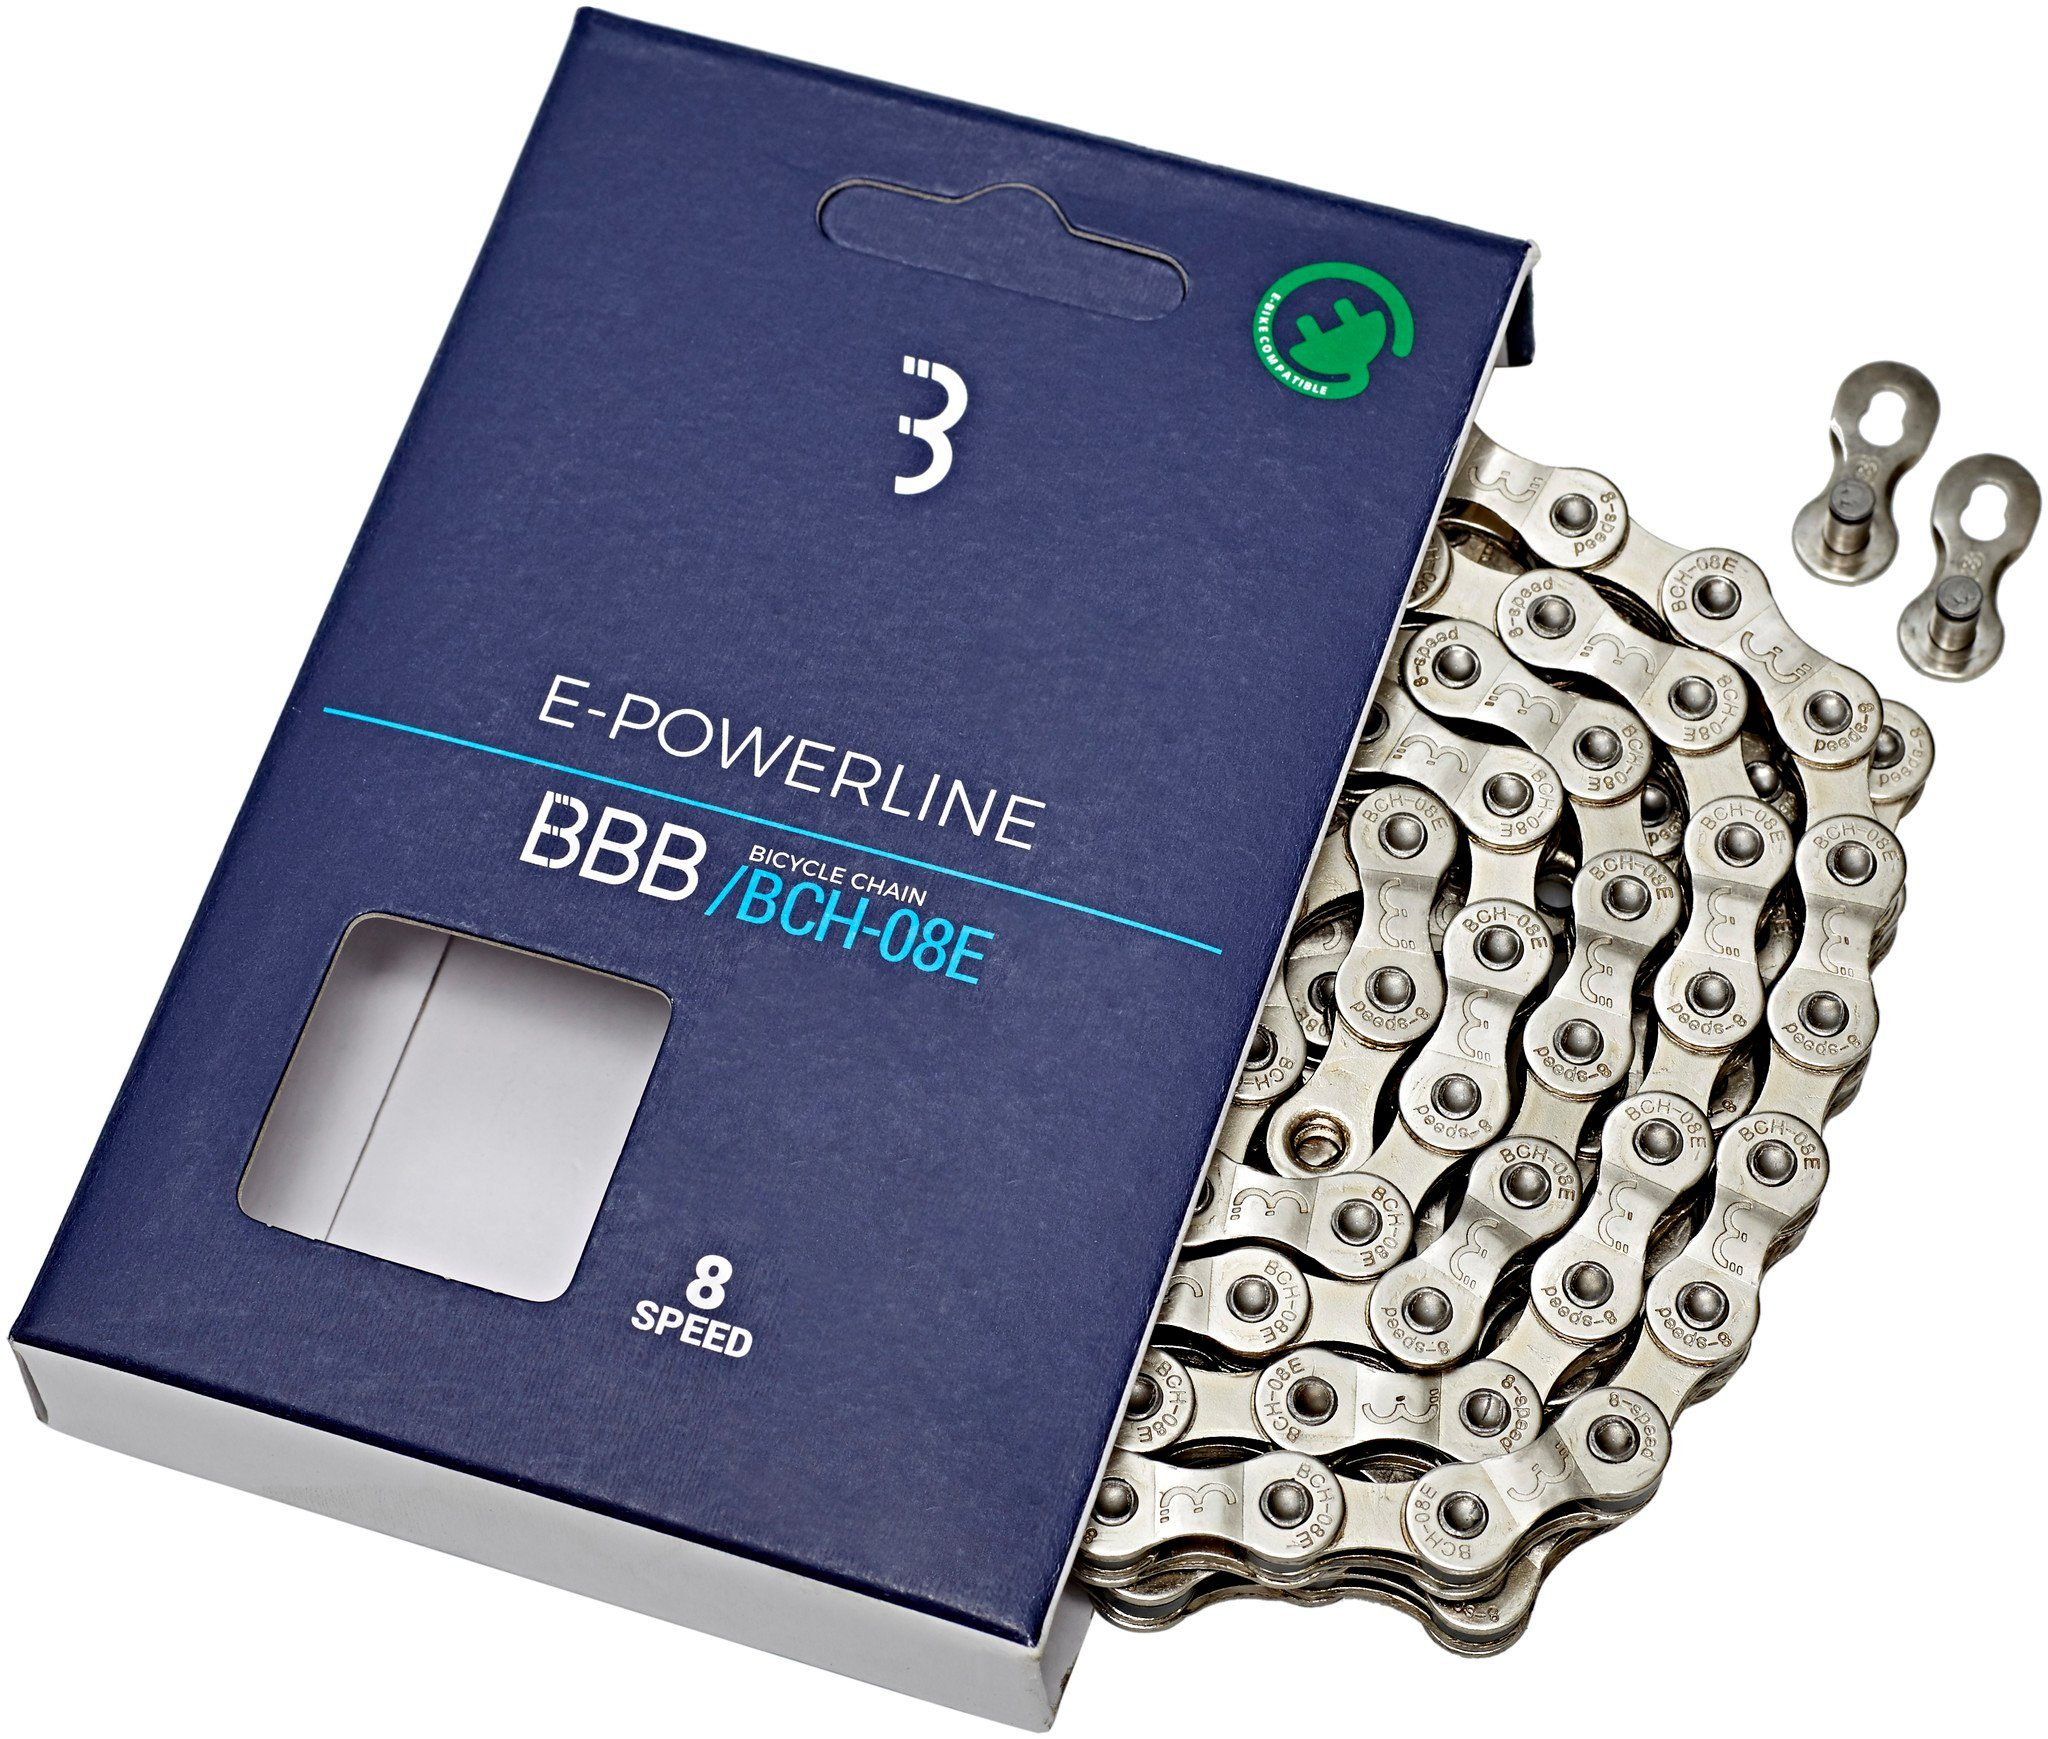 BBB Ketten »E-Powerline E-Bike BCH-8E Kette 8-fach«